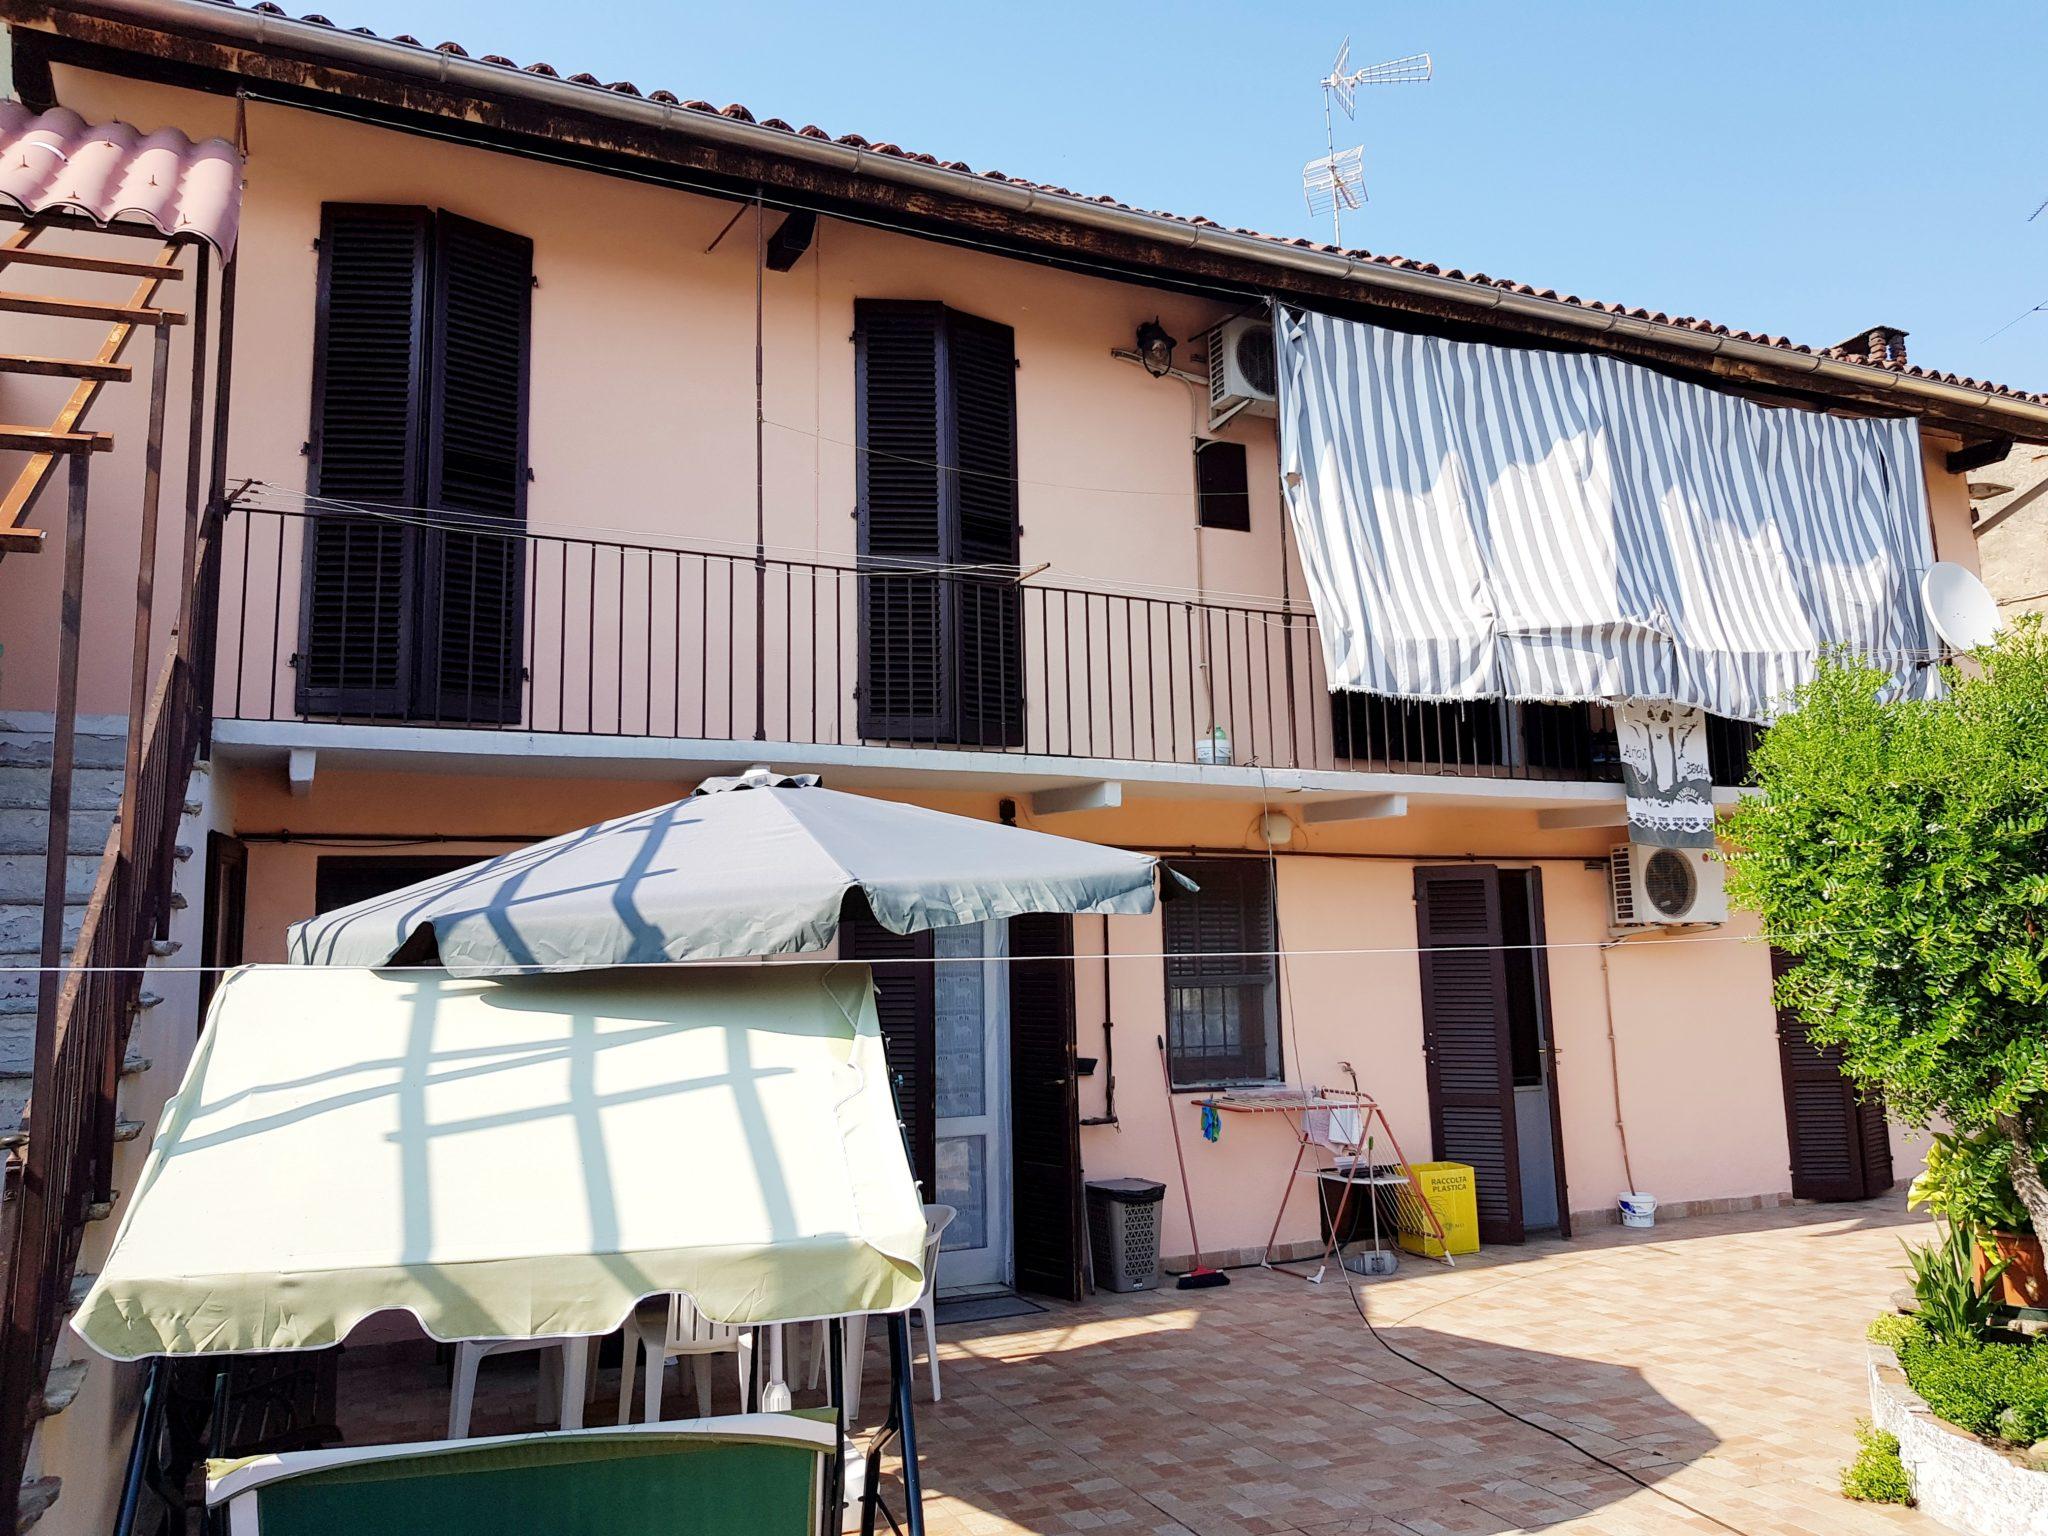 VILLANOVA MONFERRATO (CENTRO) Vendesi casa indipendente bifamiliare